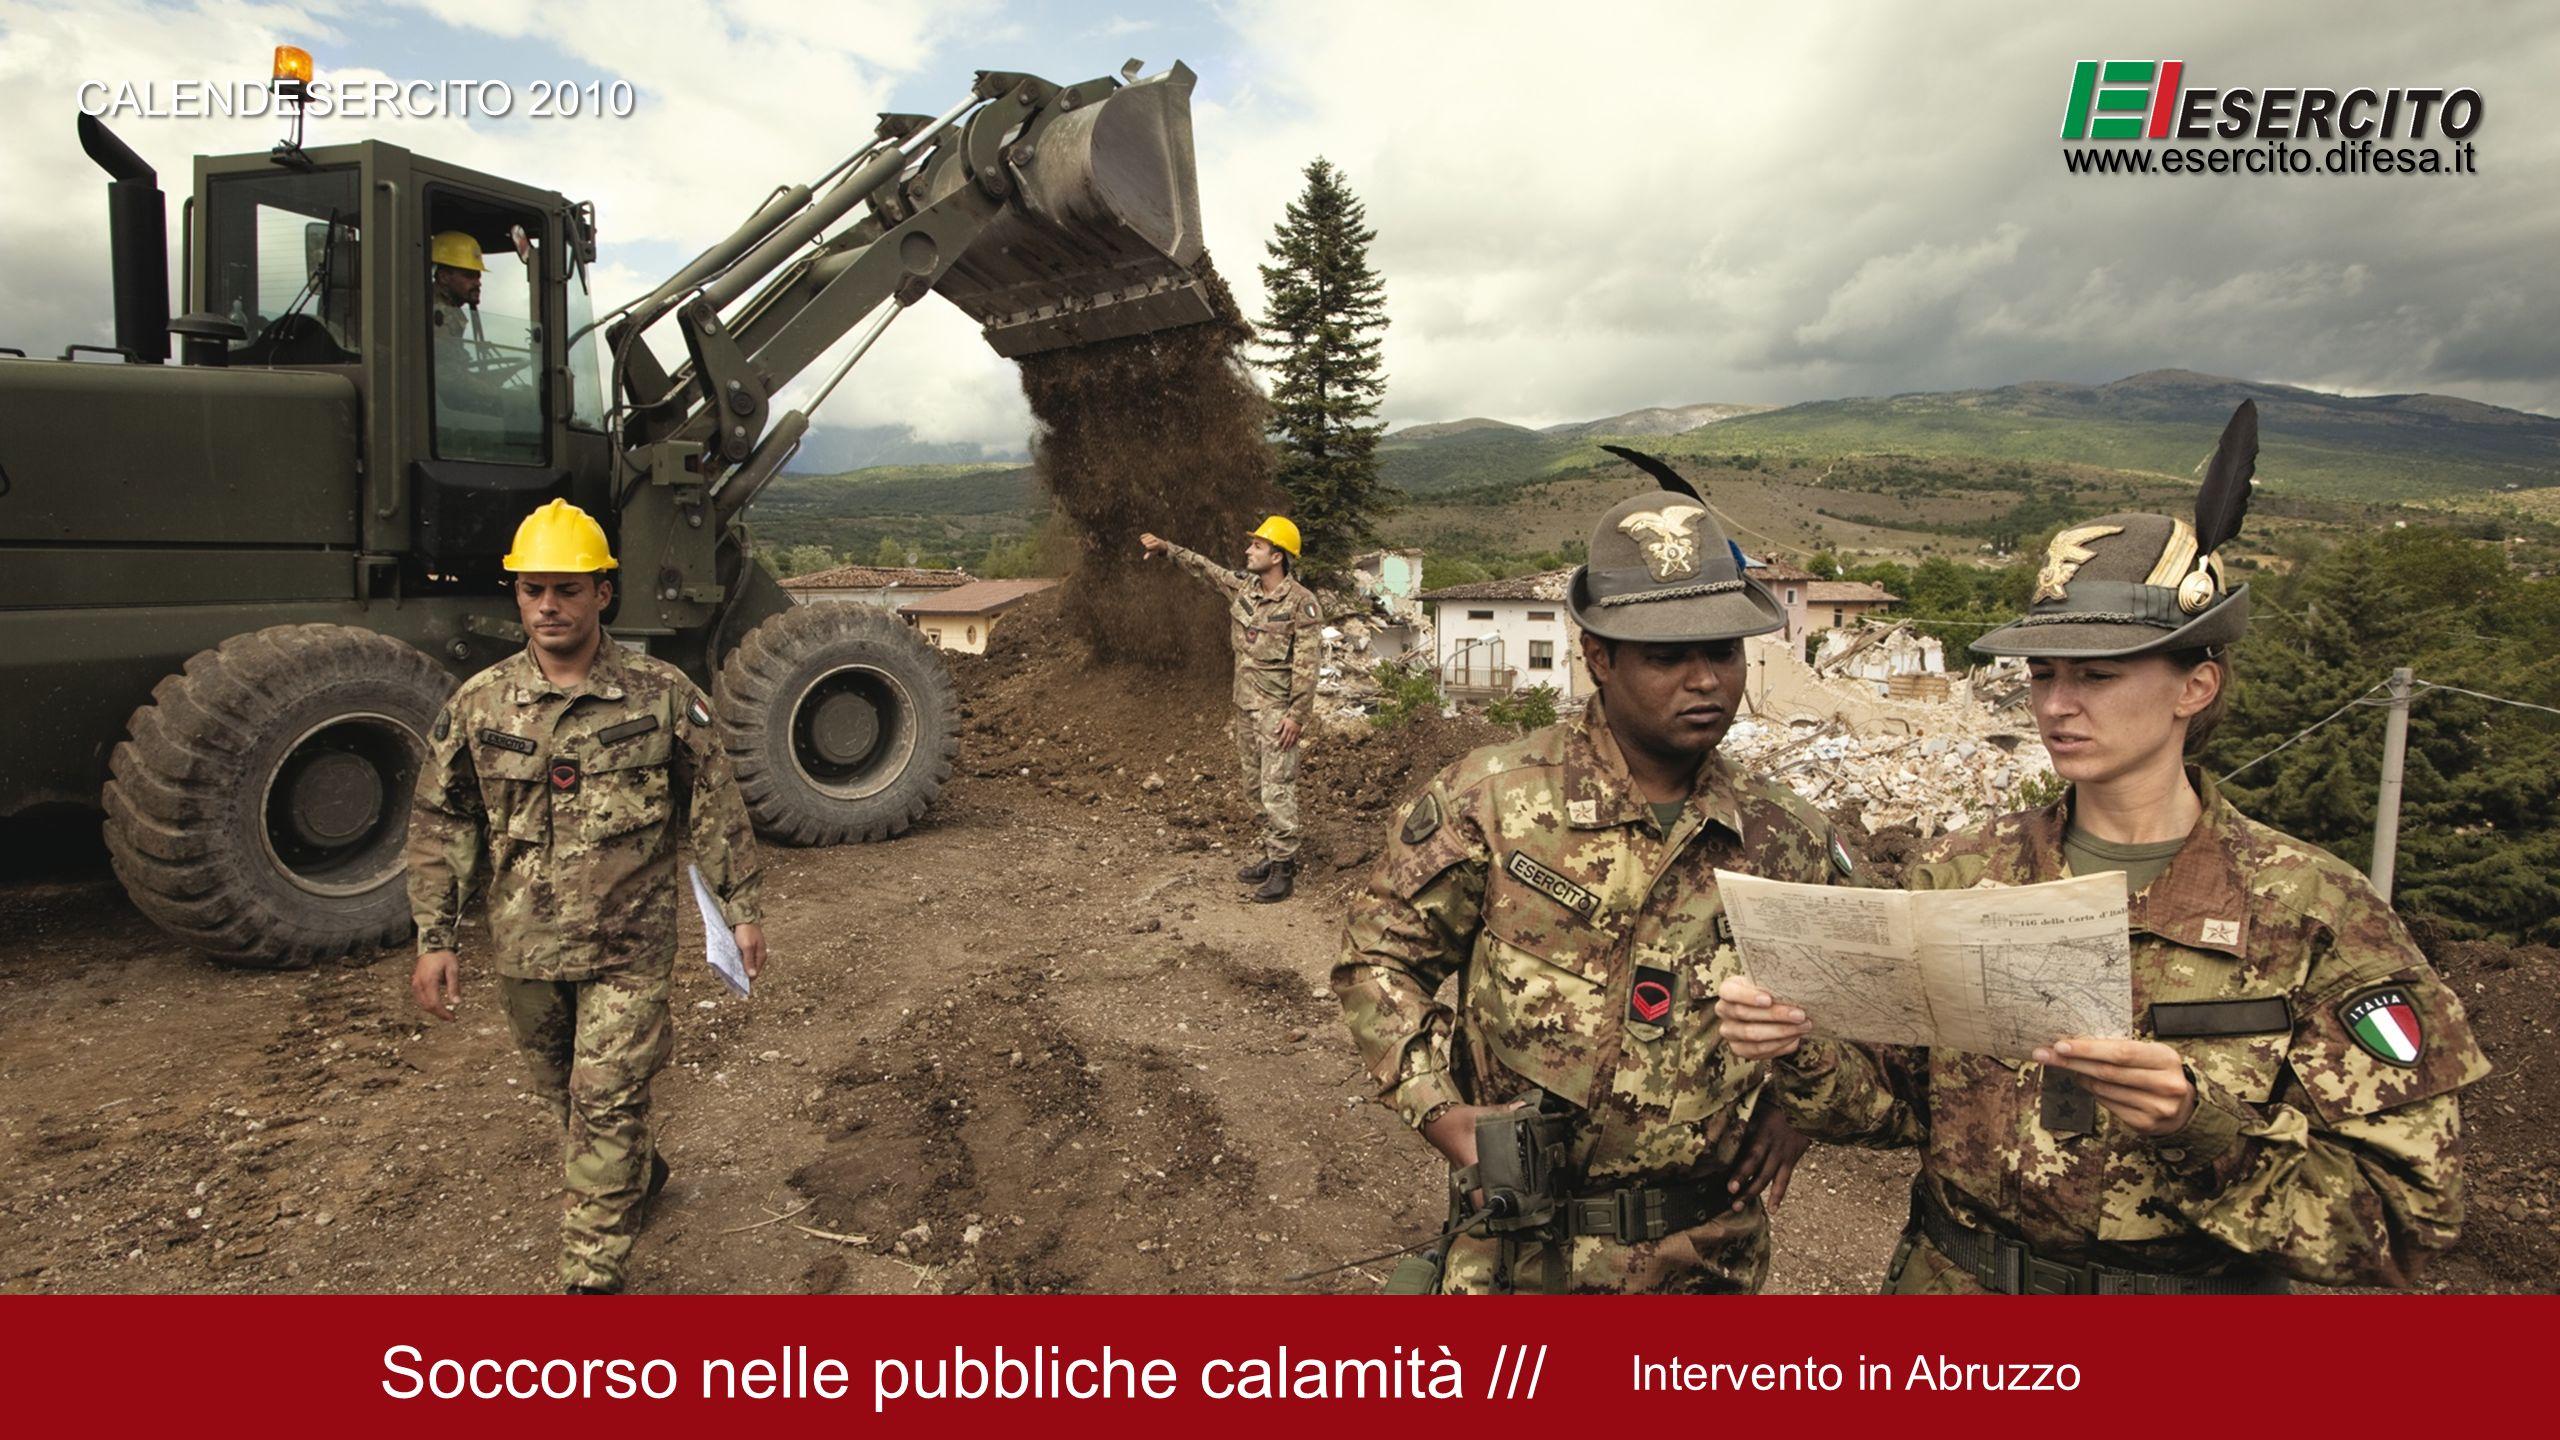 Soccorso nelle pubbliche calamità /// Intervento in Abruzzo CALENDESERCITO 2010 www.esercito.difesa.it